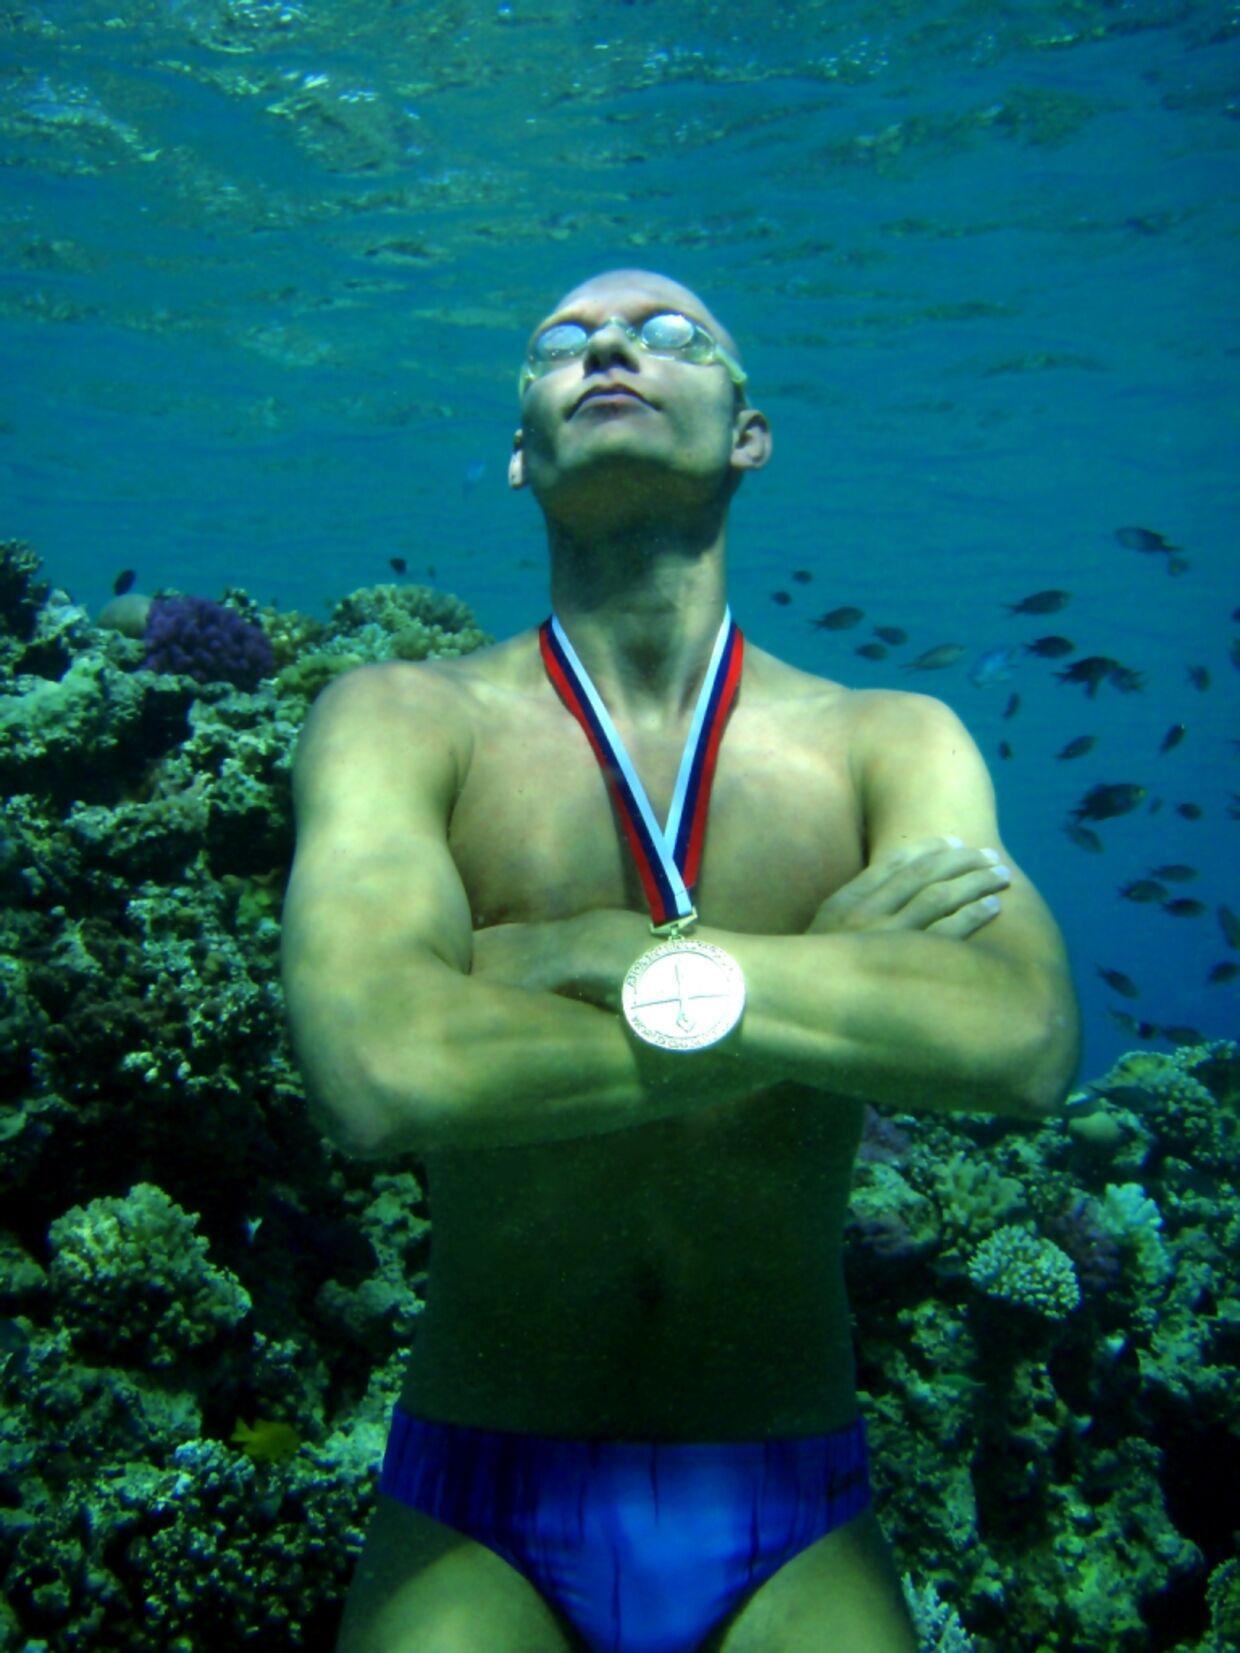 Stig Severinsen har vundet verdensmesterskabet i fridykning fire gange og var den første i verden til at holde vejret i 22 minutter.